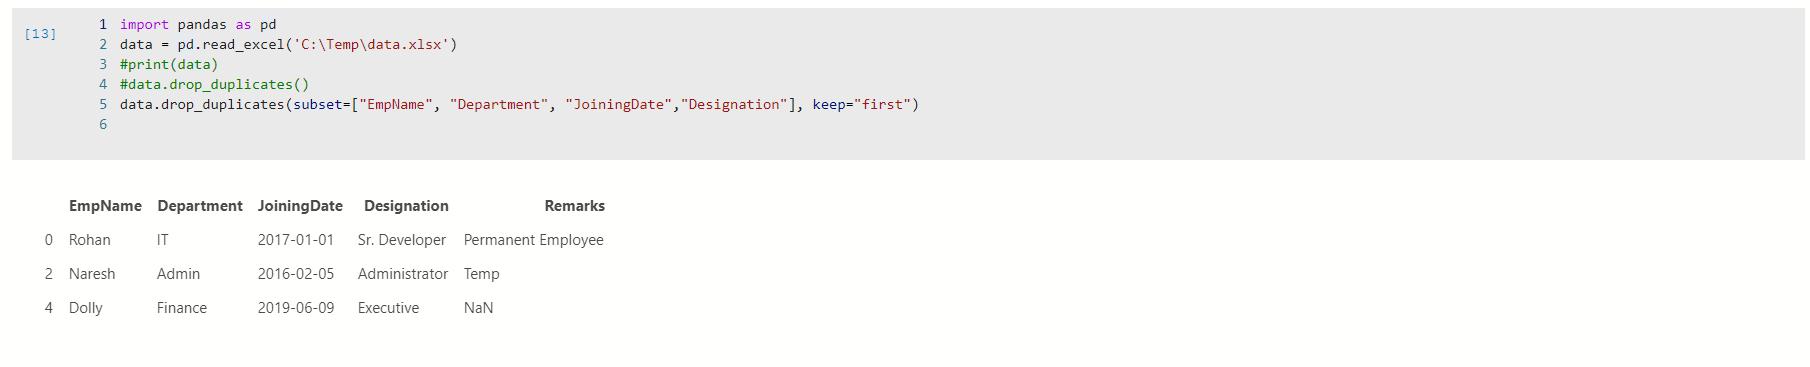 Use drop_duplicates() along with column names